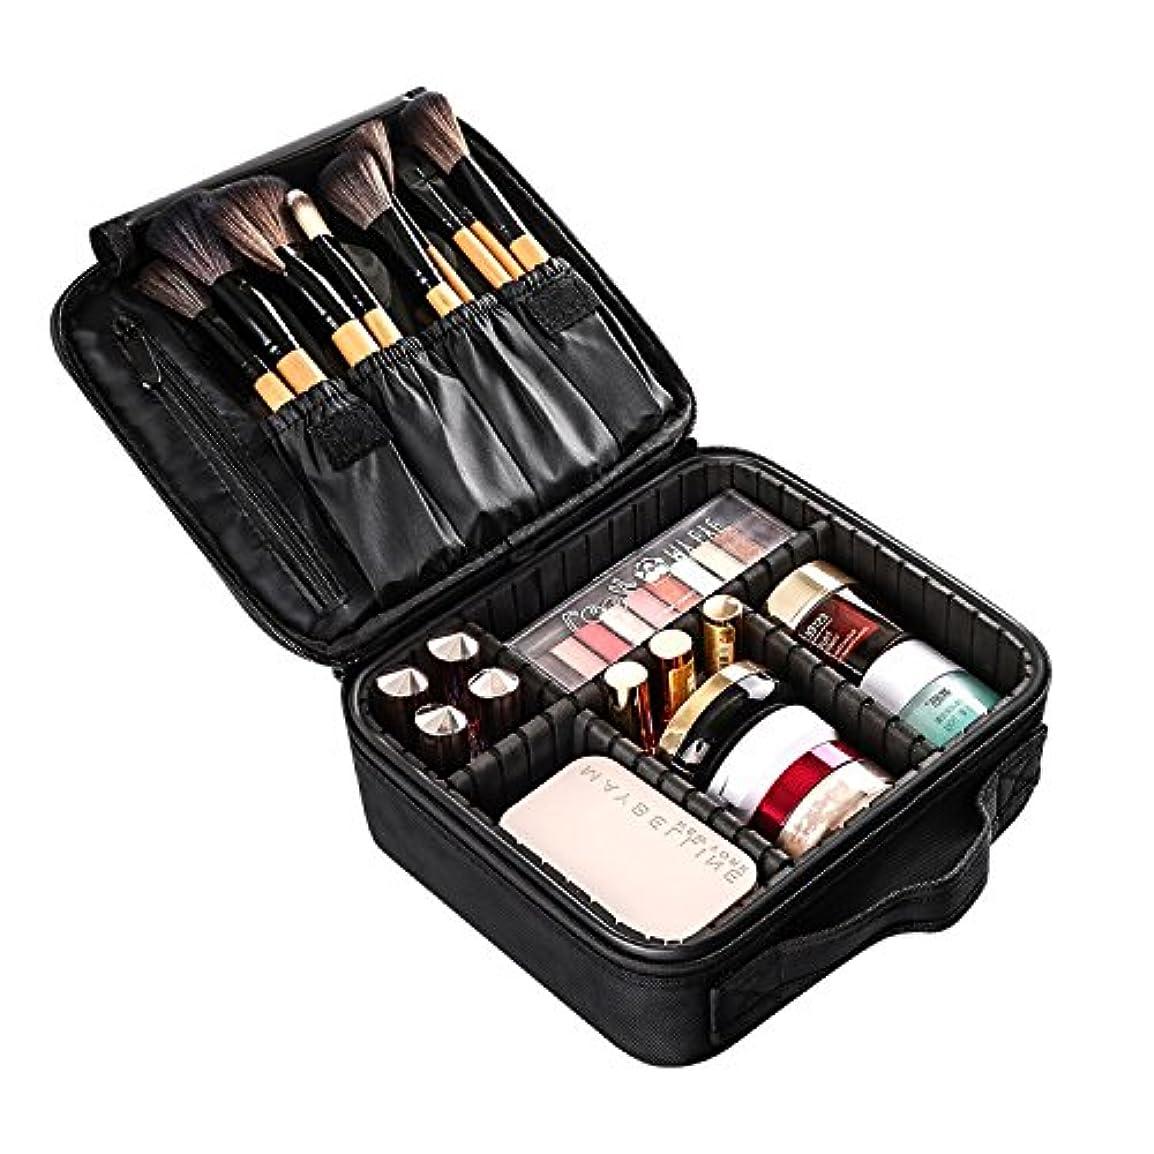 サーカスサーカス処方するELOKI プロ用 メイクボックス 高品質 收納抜群 大容量 化粧バッグ 置き方が調整できる 旅行 家用に大活躍な化粧箱